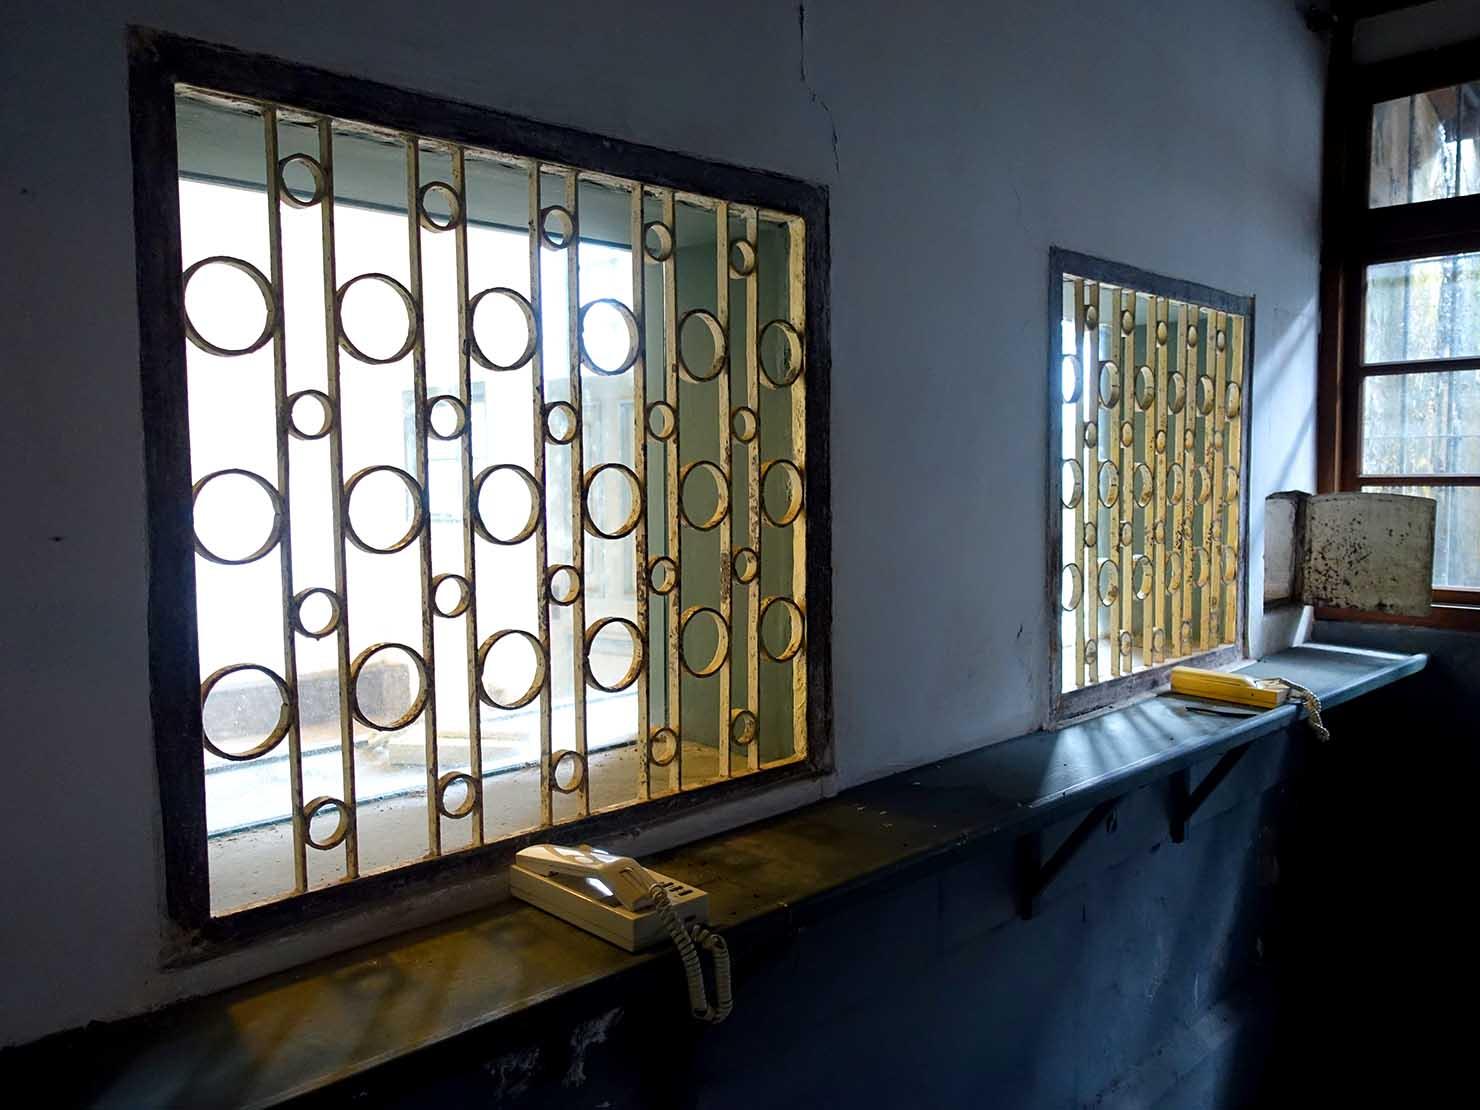 嘉義のおすすめ観光スポット「嘉義舊監獄」の面会室